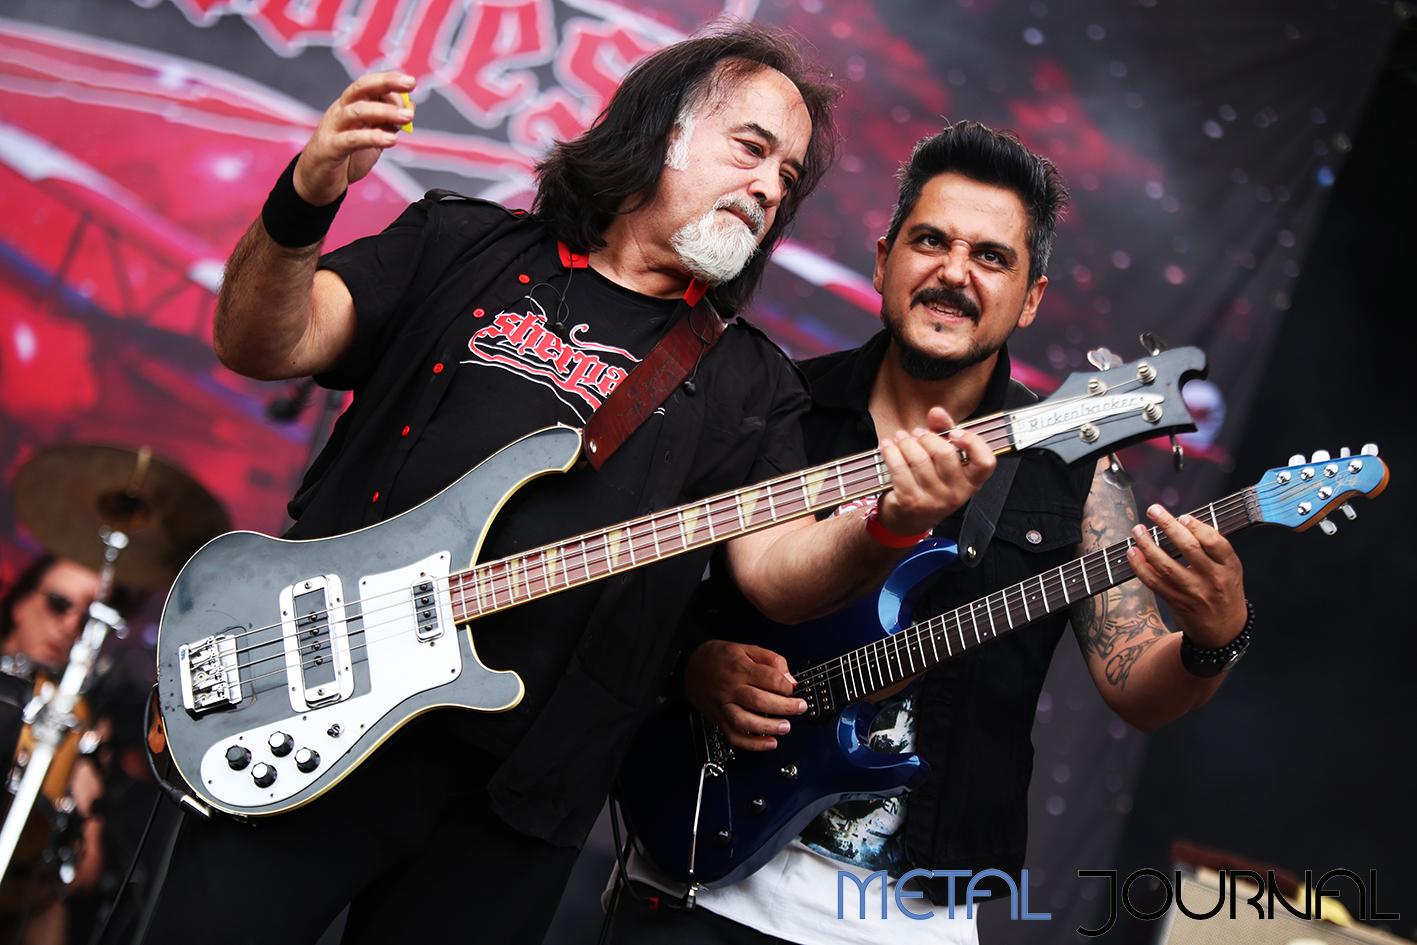 los barones - leyendas del rock 2019 metal journal pic 1